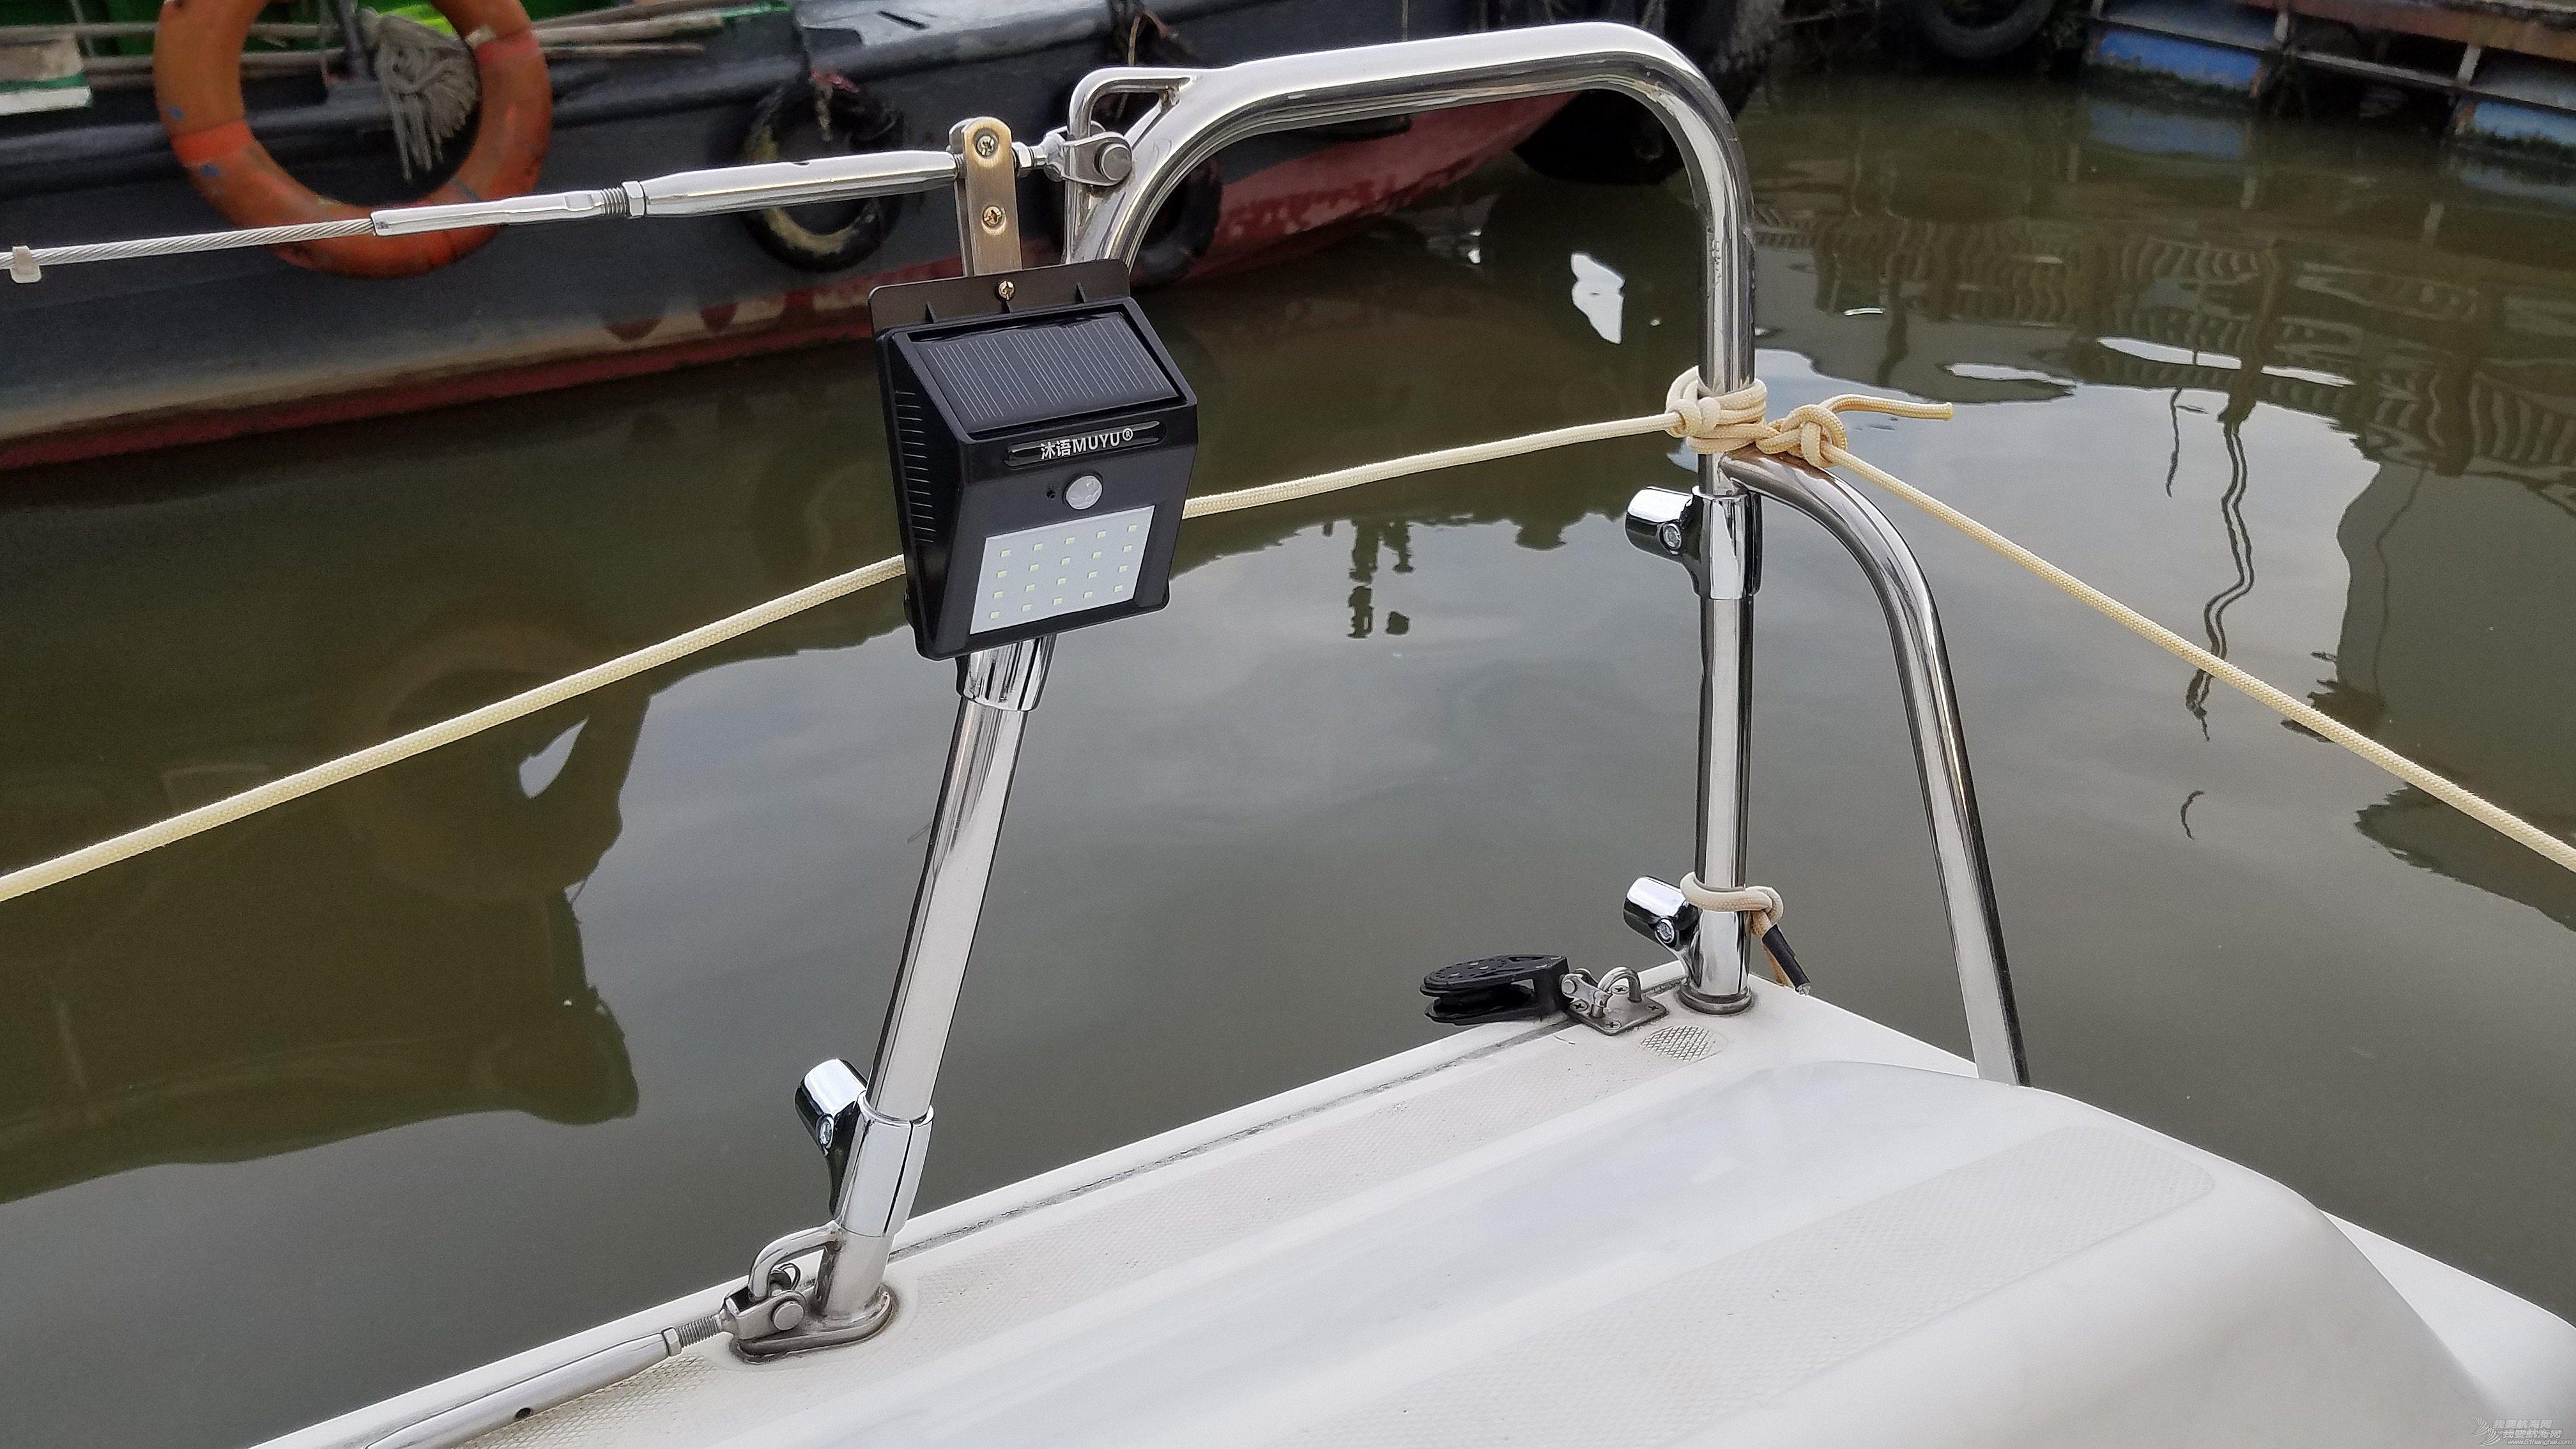 珐伊26不仅仅是运动器材,它还可以是一艘游艇。